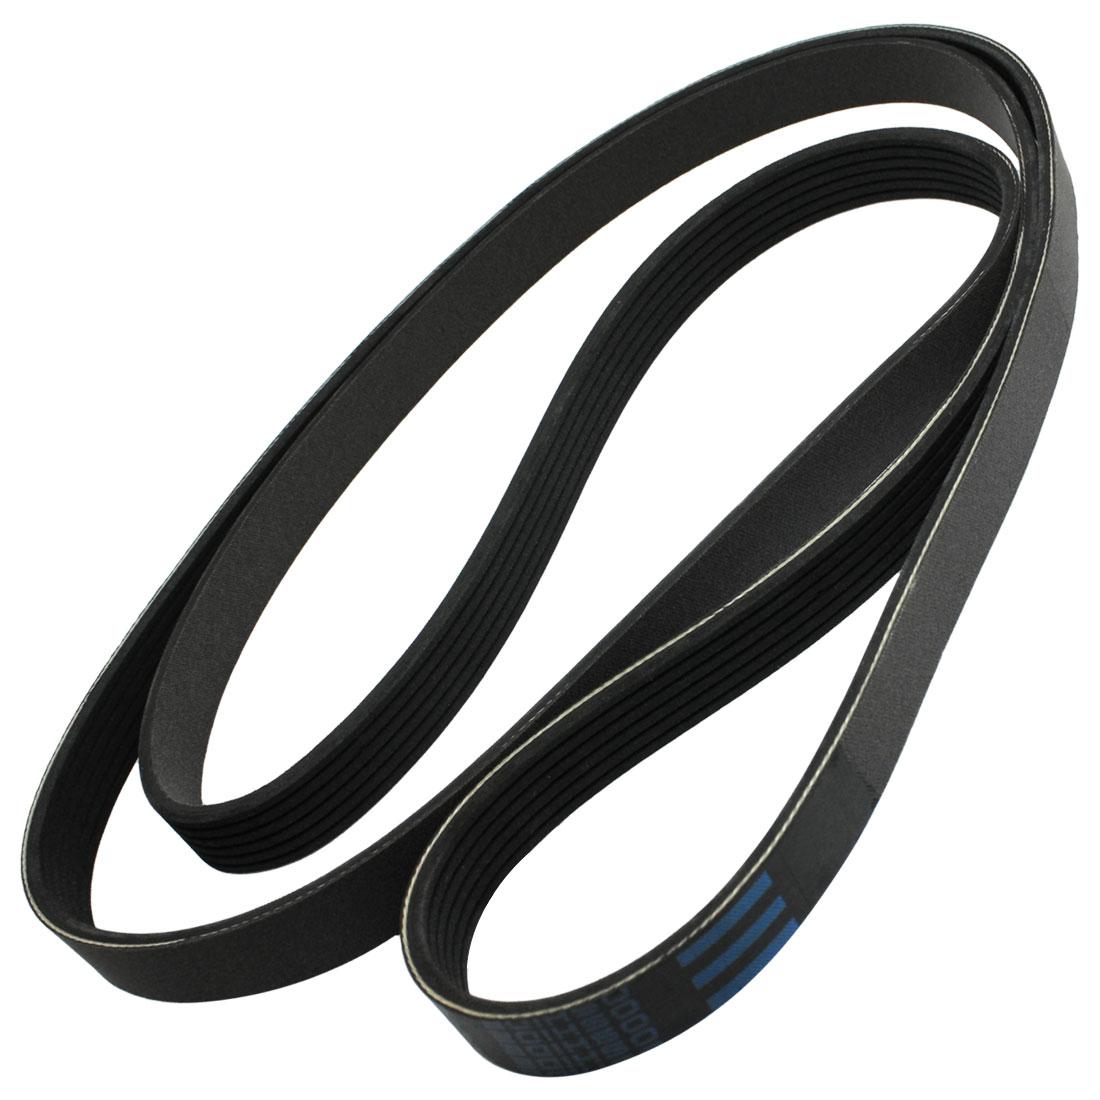 Serpentine Belt 6PK2225 for Chevrolet C1500 C2500 K1500 K2500 Suburban C3500 G30